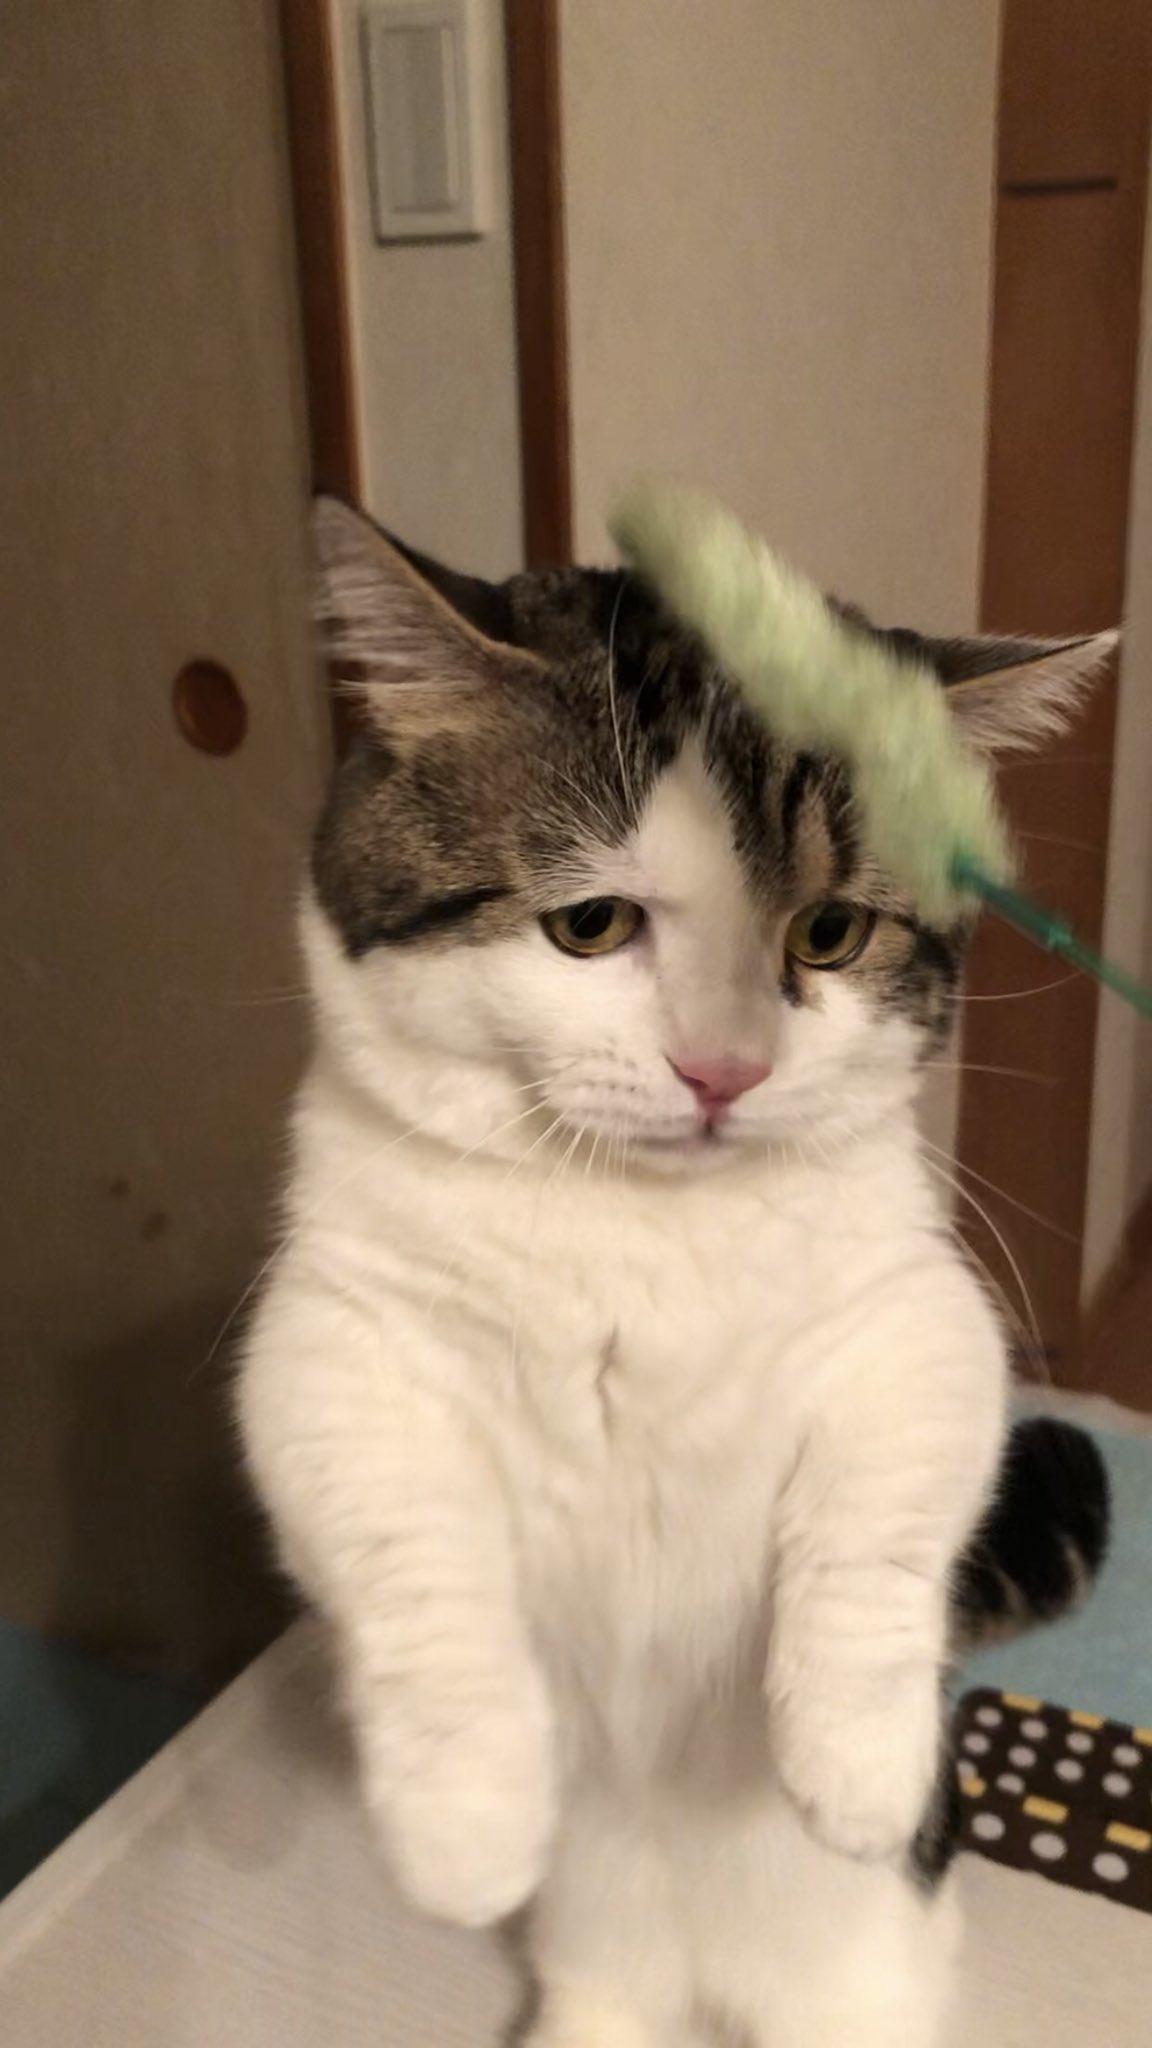 おもちゃを掴めた時と掴めない時の表情の差がすごい猫